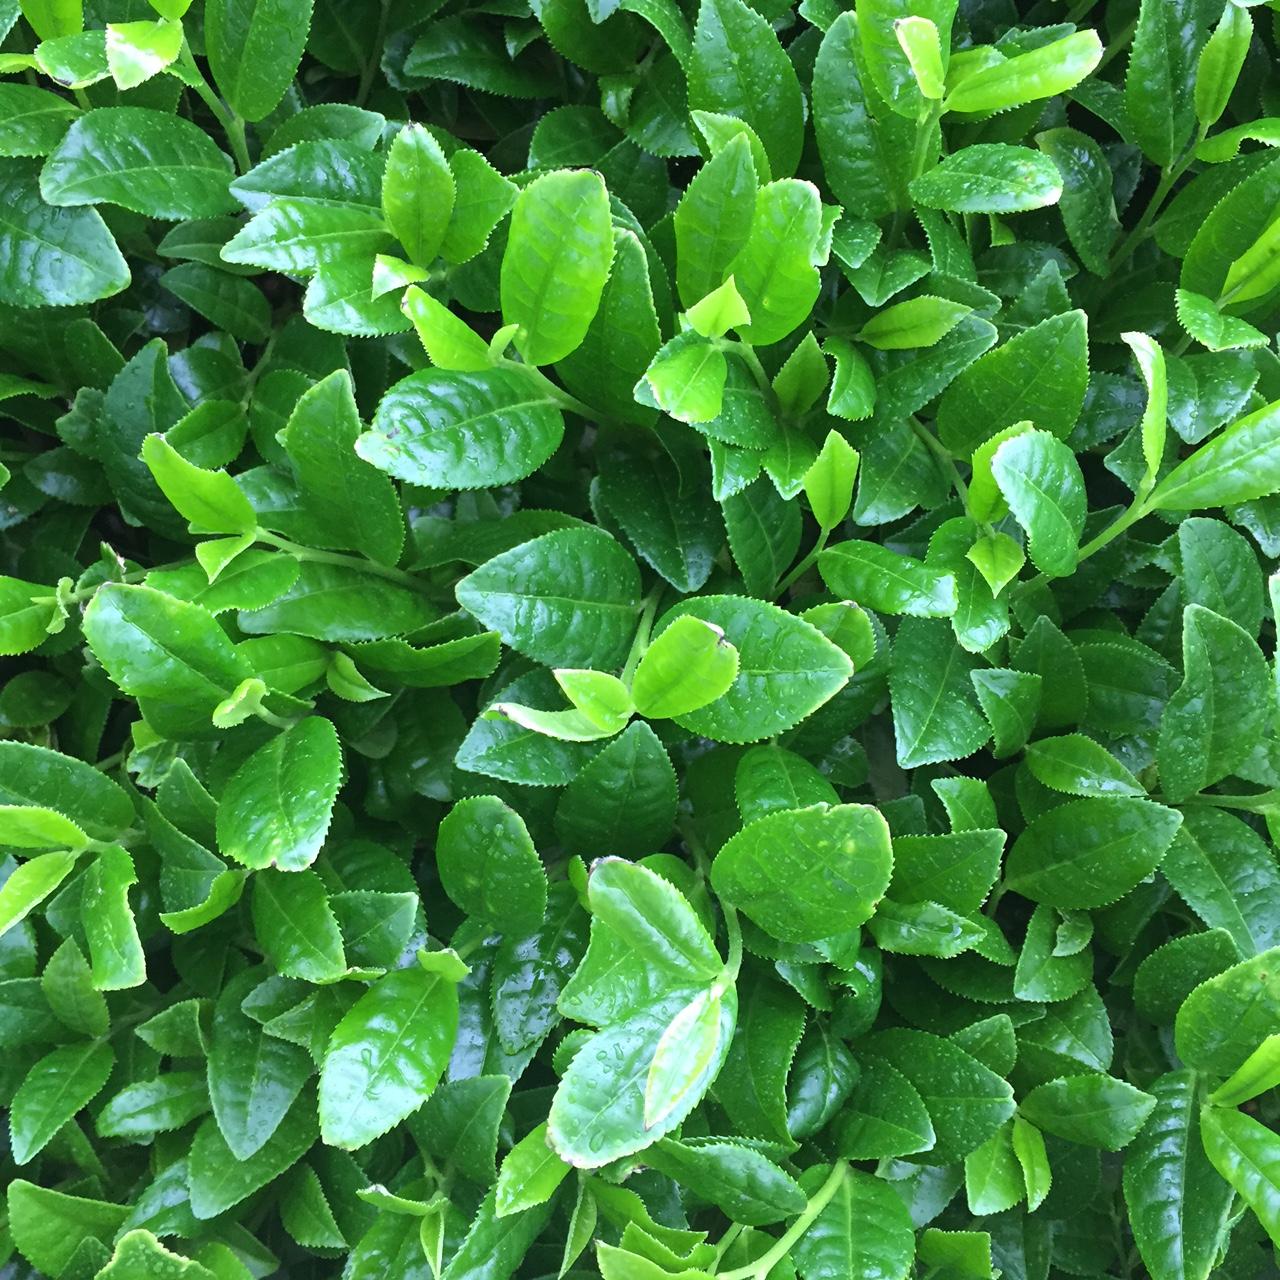 2017年4月26日かごしま緑茶の茶園風景です。早生品種ゆたかみどりです。緑が濃くなってきました!。